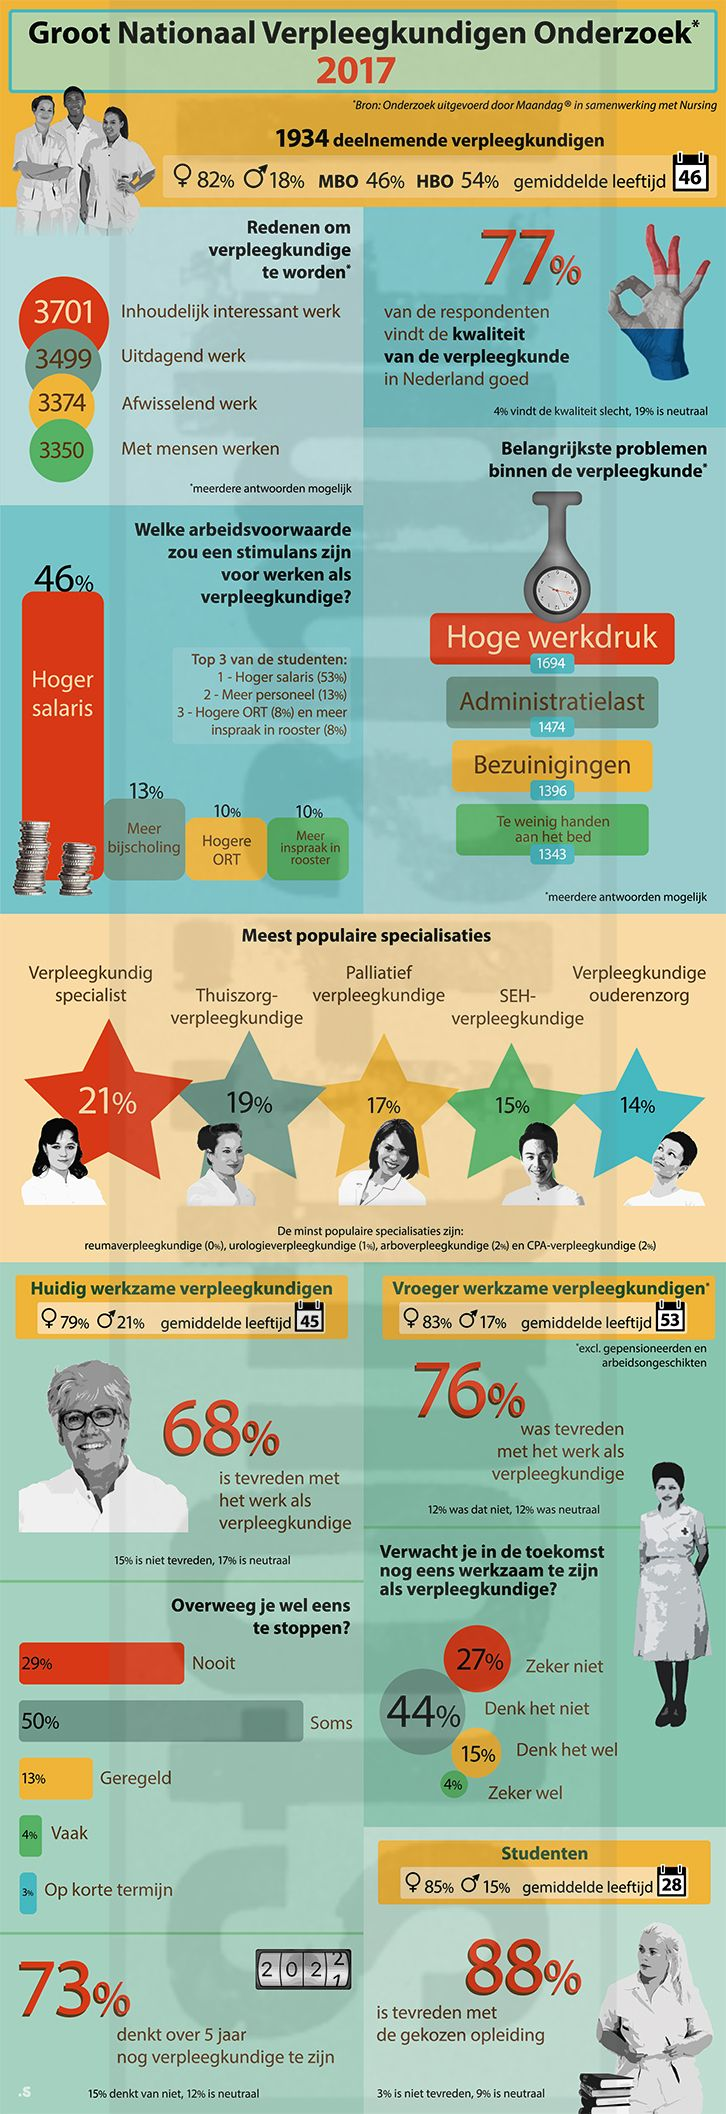 Copyright tekst: Nursing voor Verpleegkundigen | Copyright beeld: Stouthandel Illustraties #stouthandel #nursing #infographic #infogram #verpleging